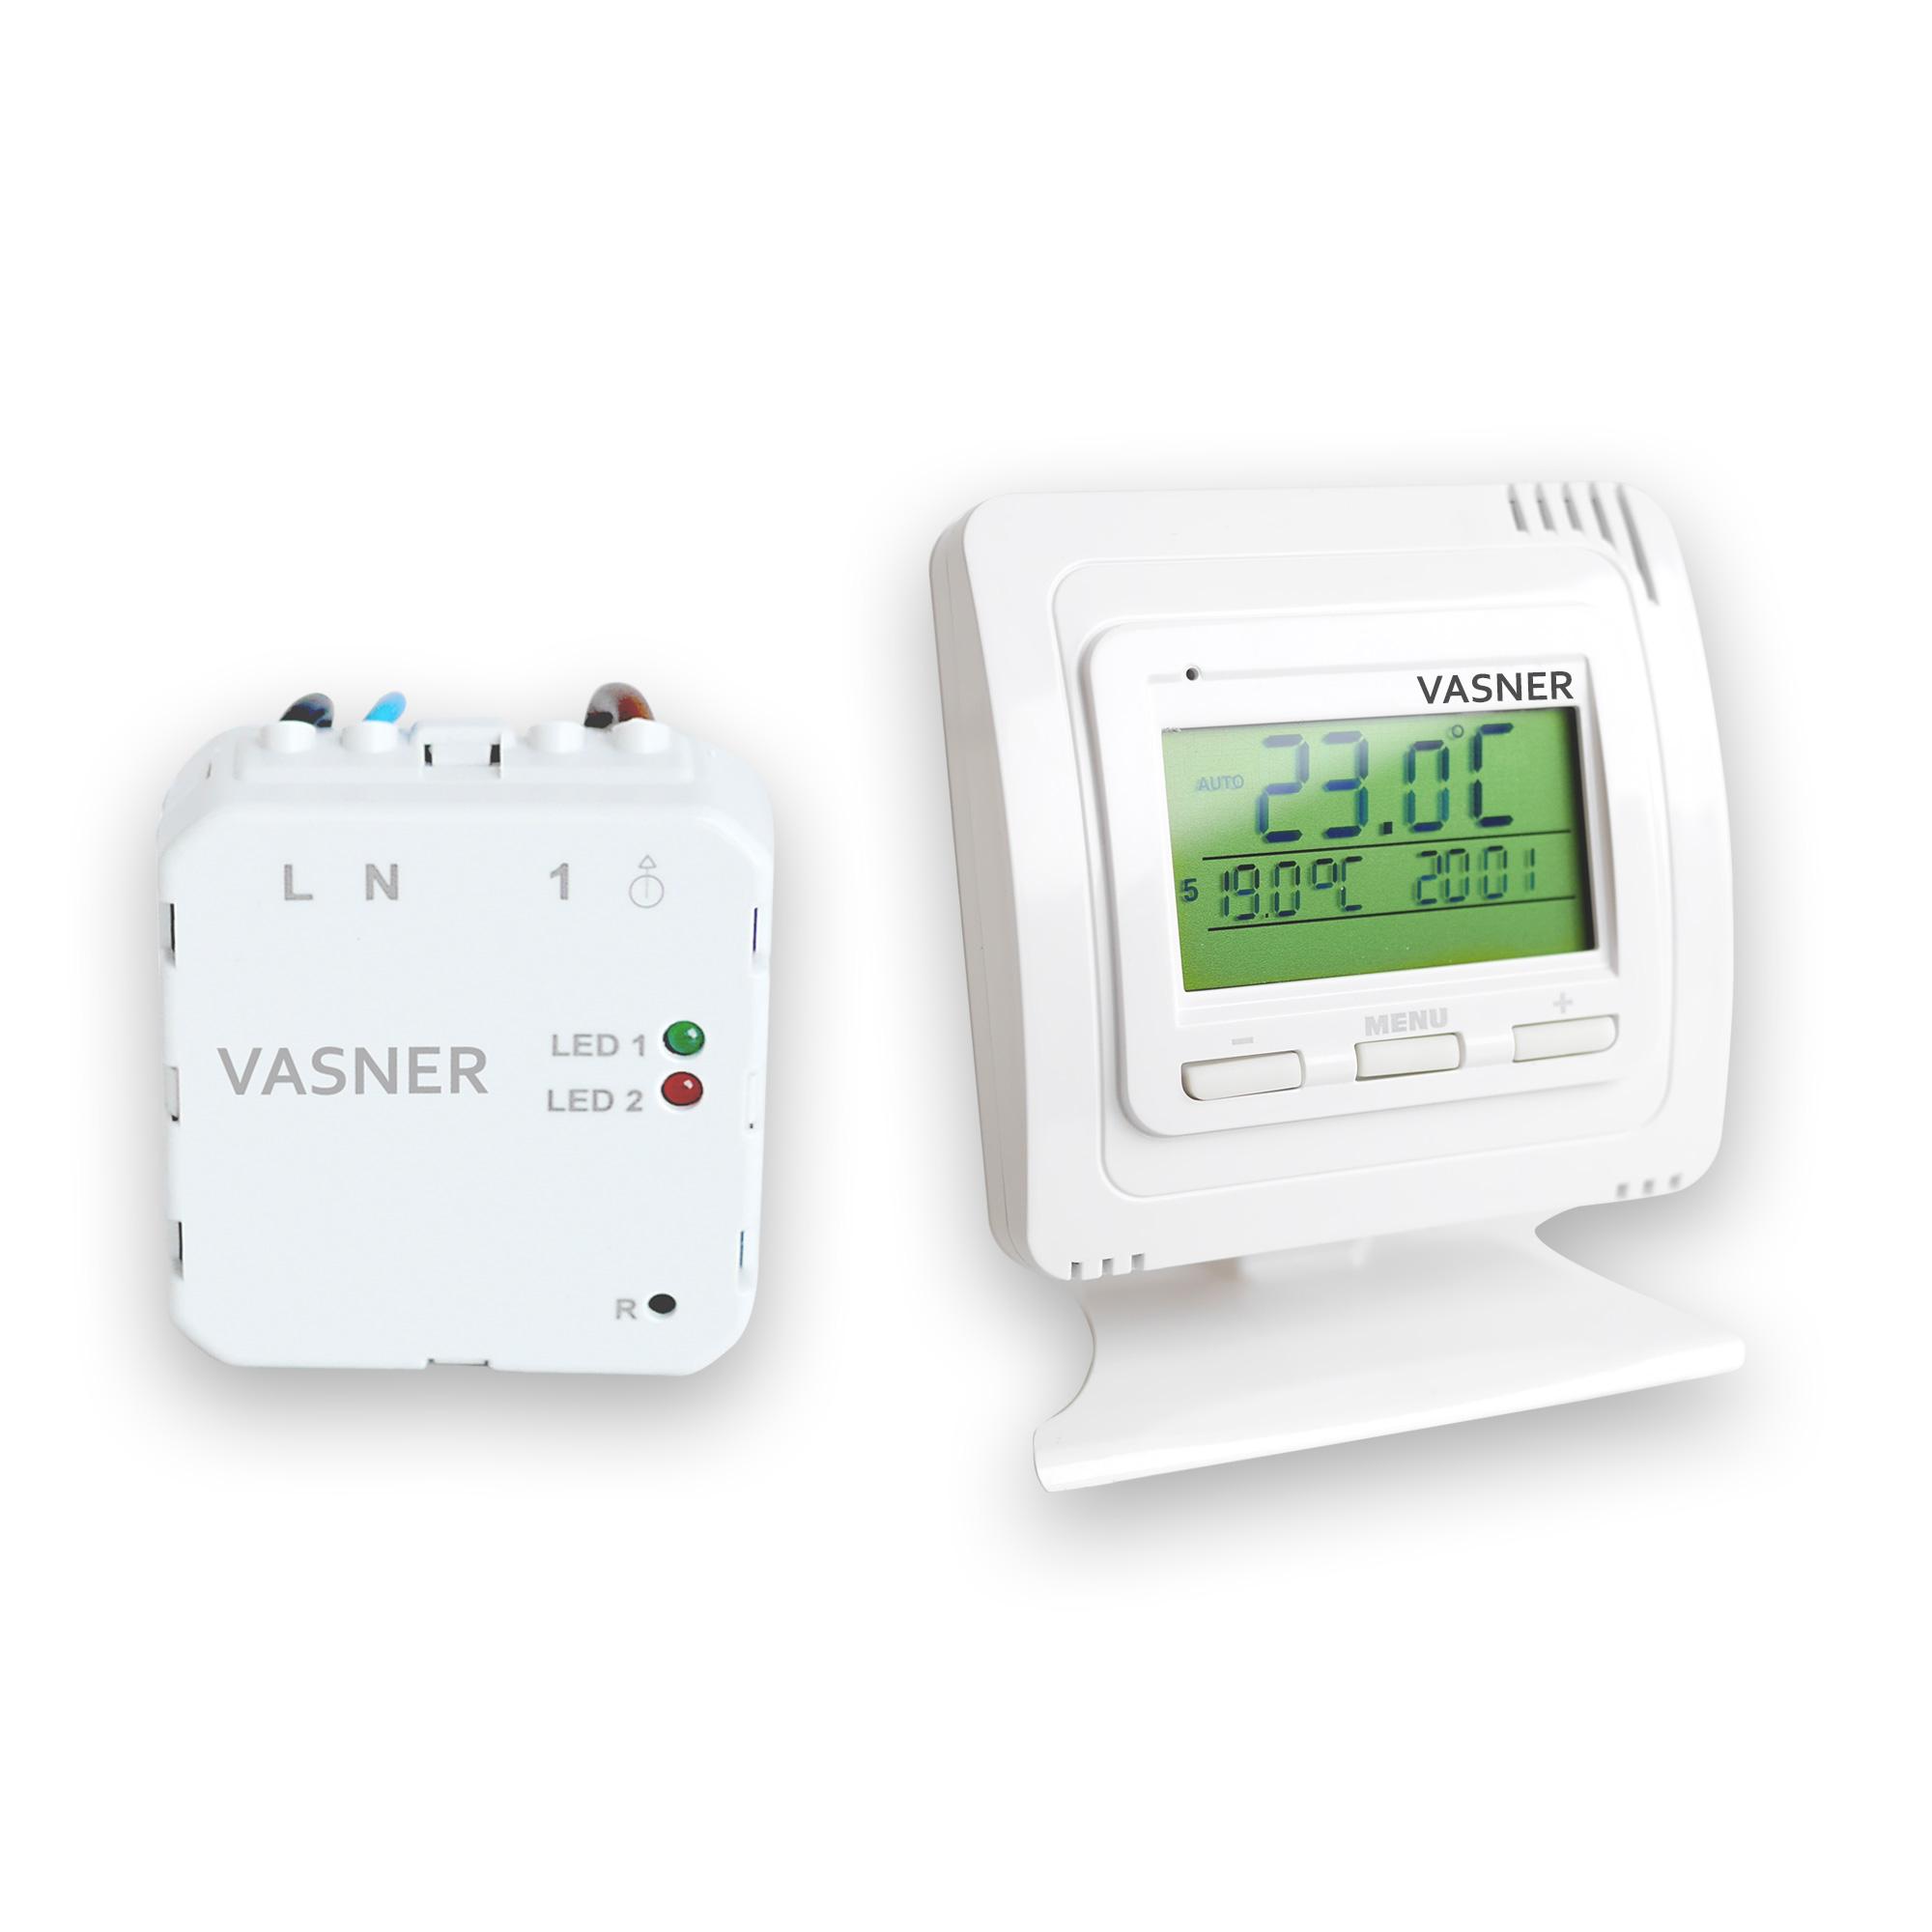 Das VASNER Unterputz Thermostat Set für Infrarotheizungen